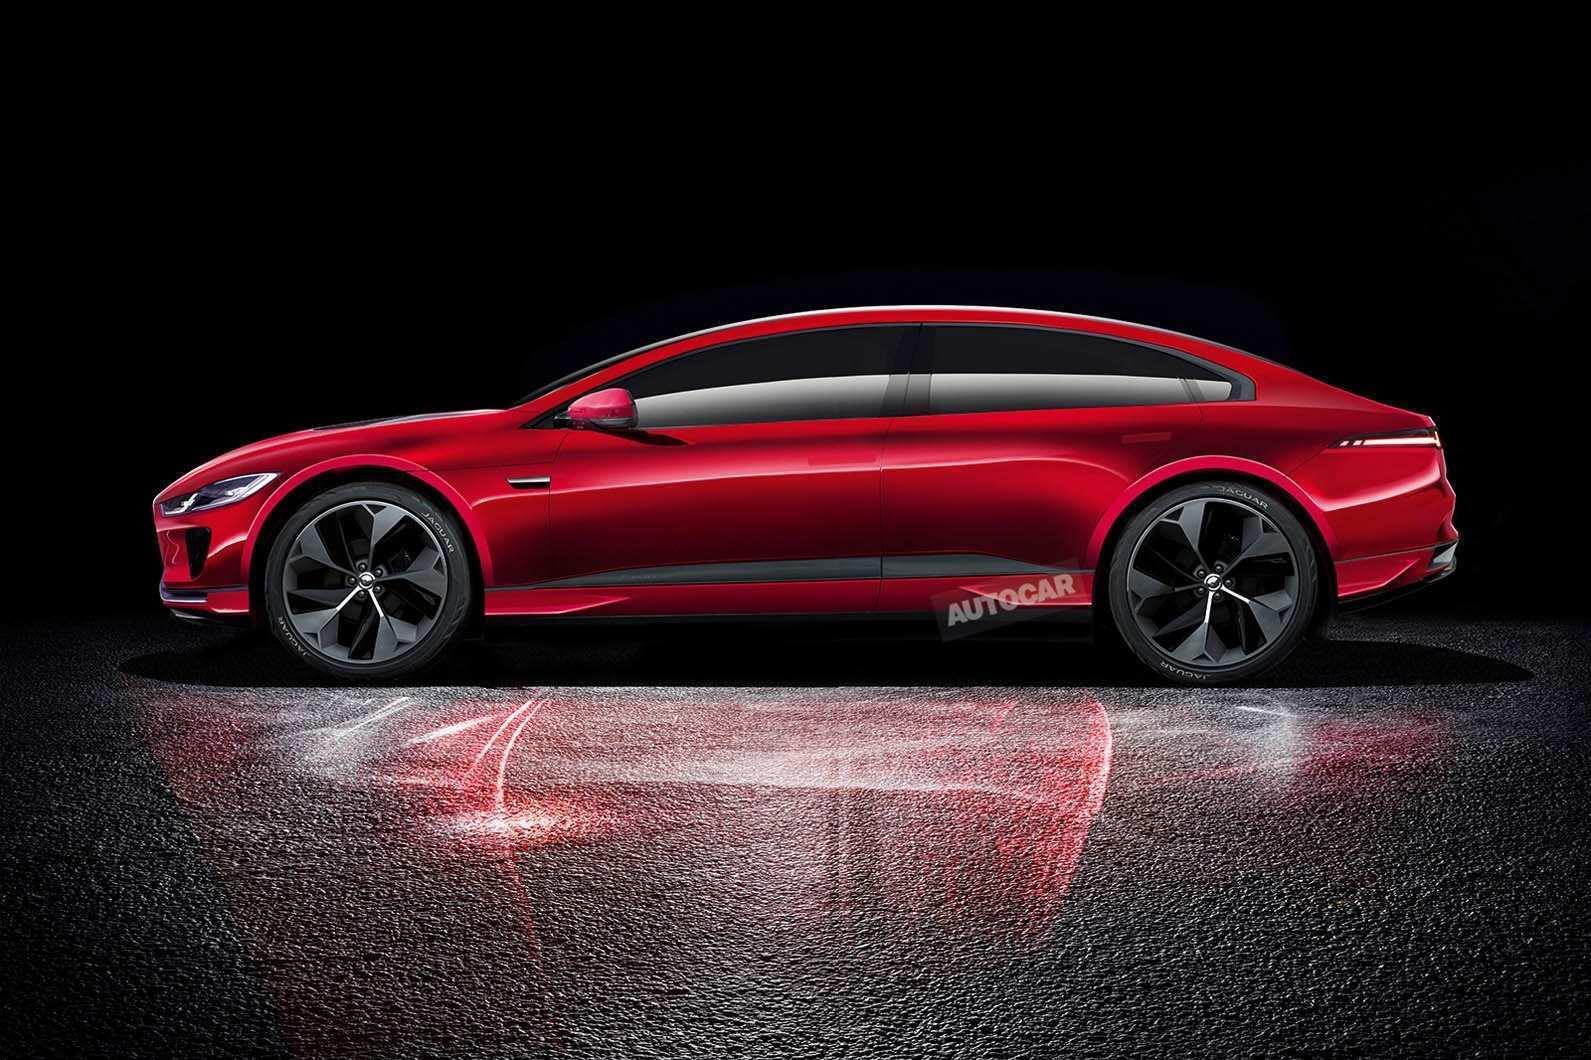 86 Concept of 2019 Jaguar Xj Concept Model with 2019 Jaguar Xj Concept